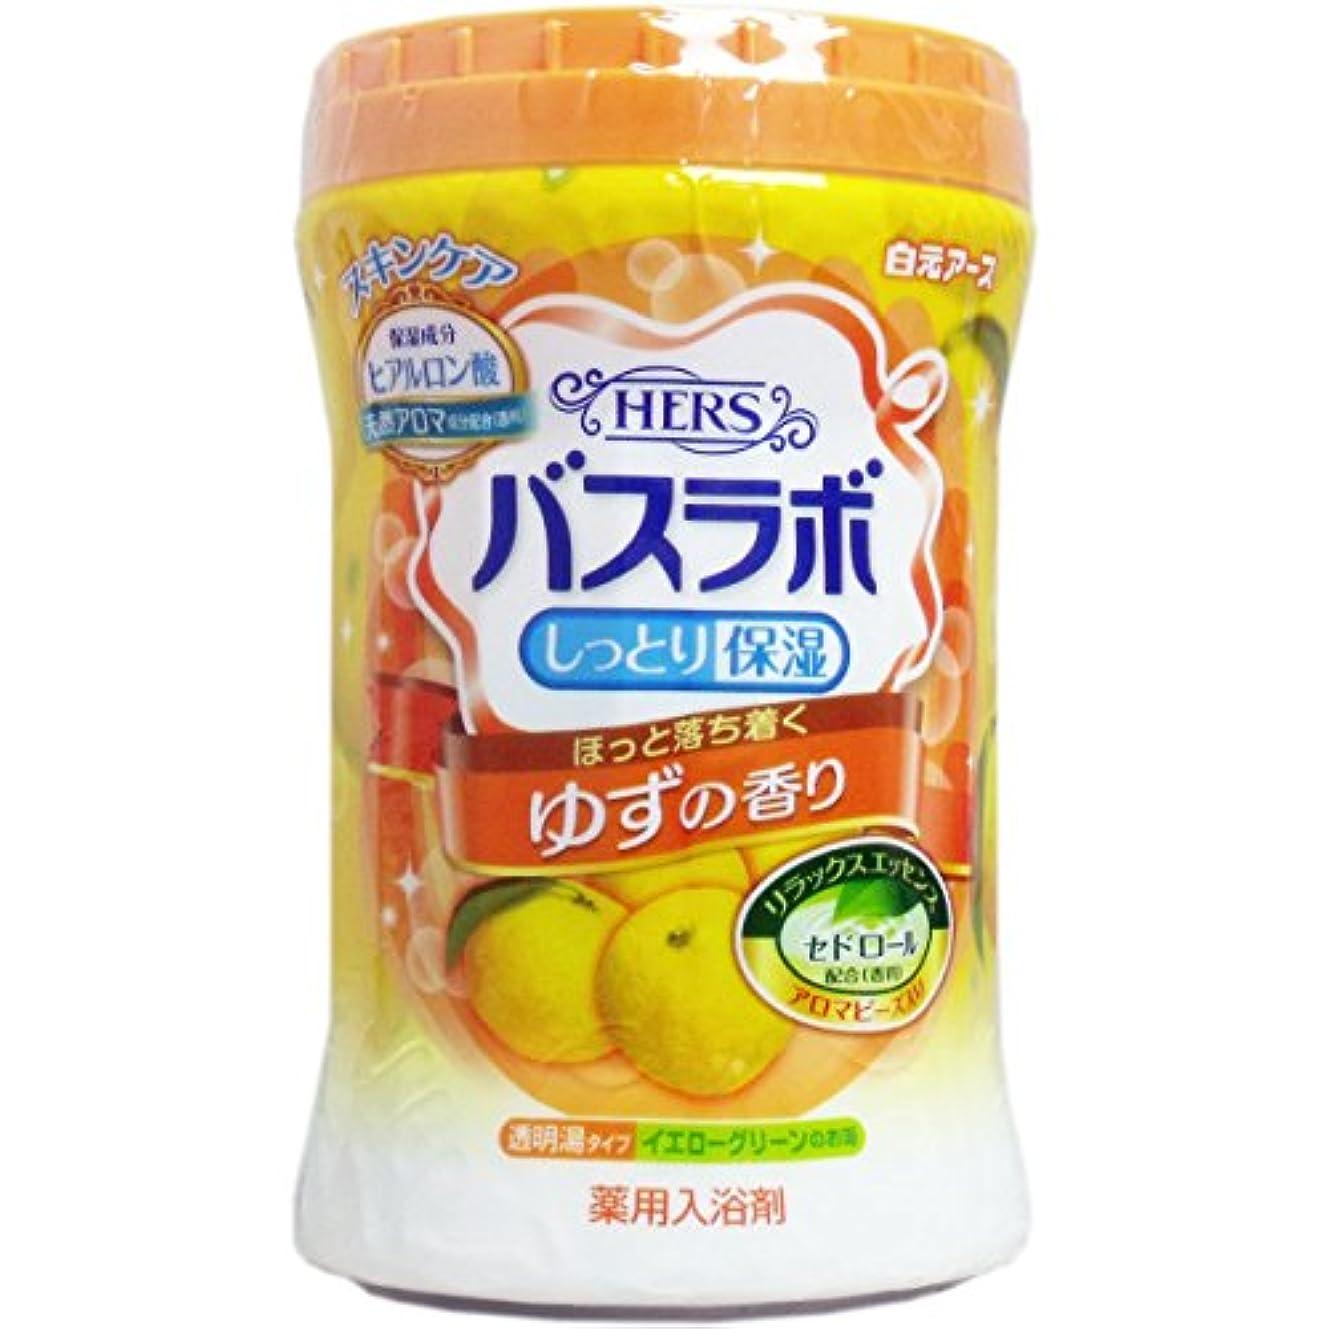 リーズトーン不完全な白元 HERSバスラボ しっとり保湿 薬用入浴剤 ゆずの香り 680g [医薬部外品]